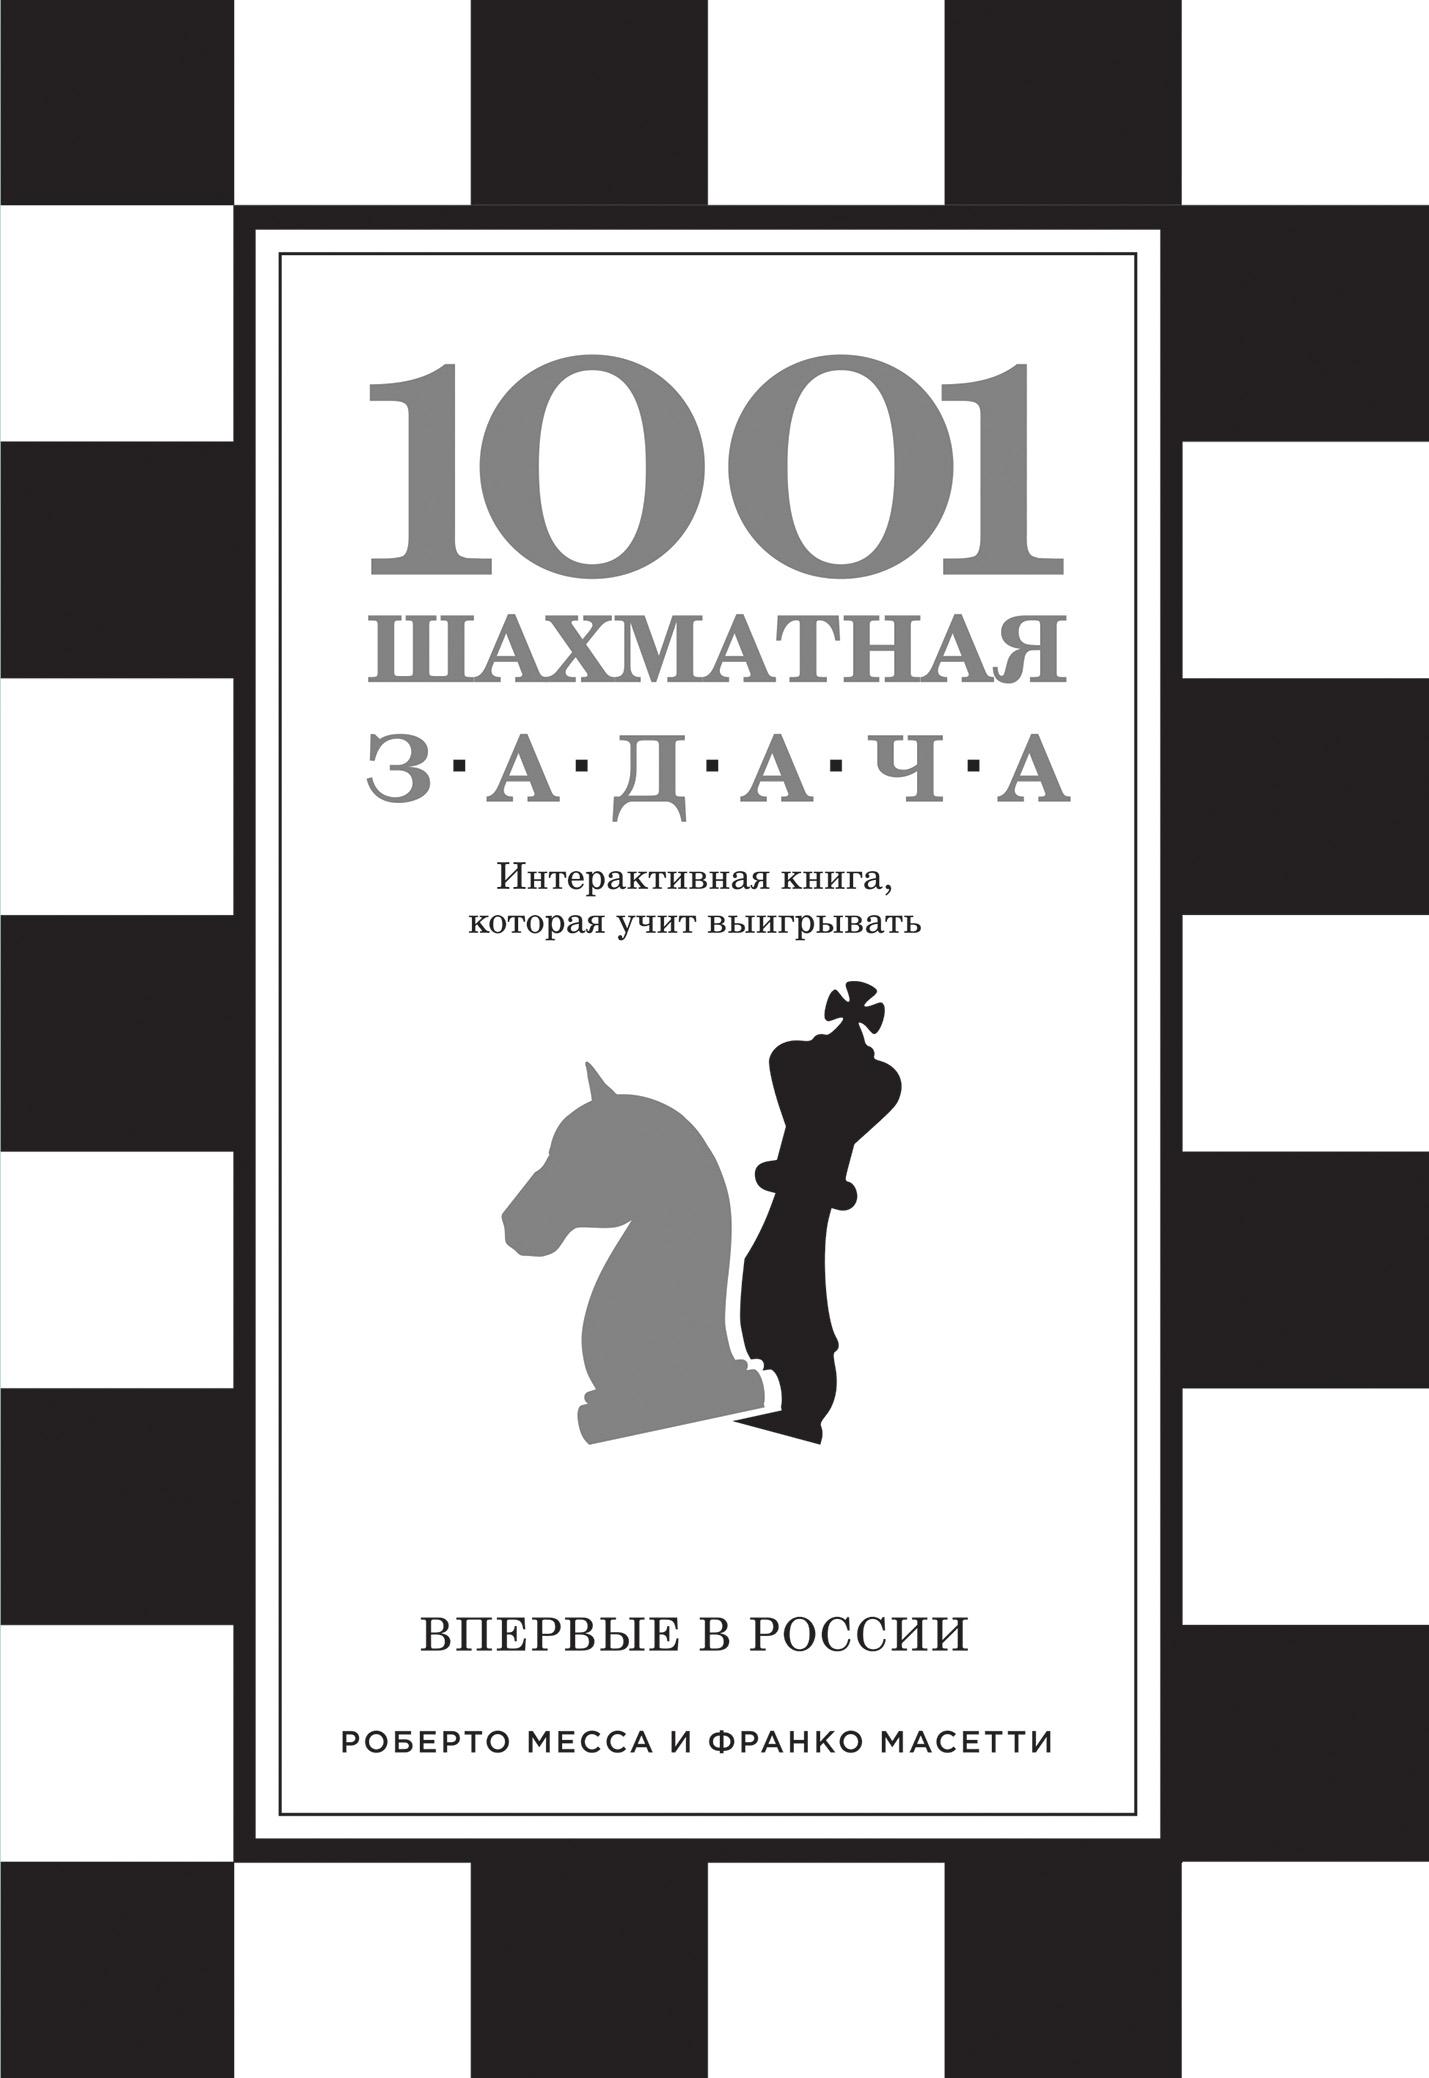 1001 шахматная задача. Интерактивная книга, которая учит выигрывать. В. Э. Ионов